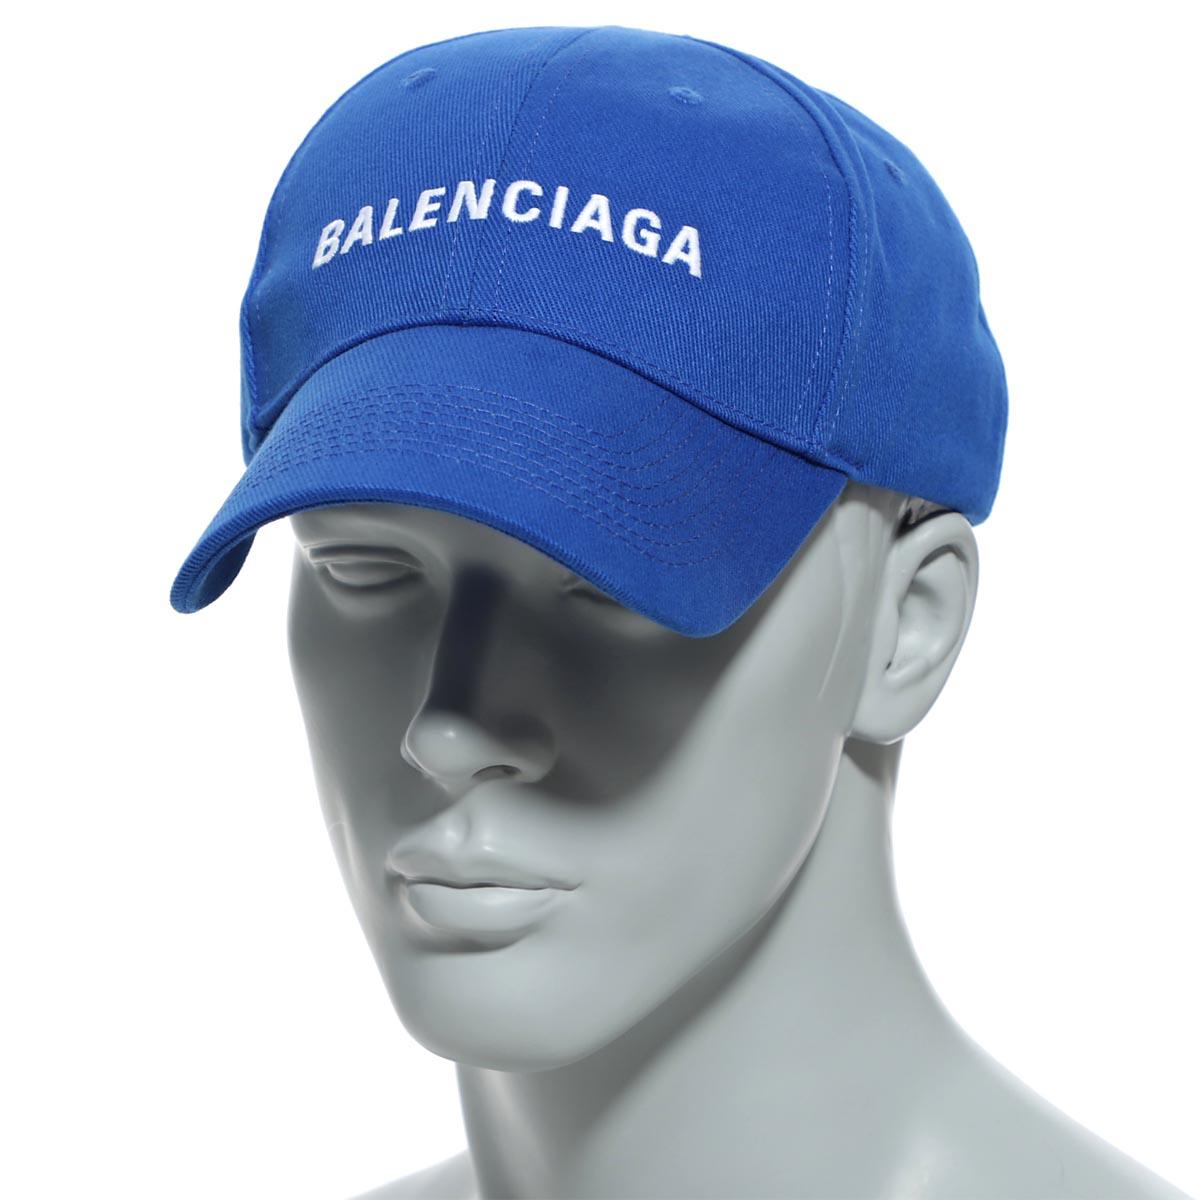 メンズ帽子, キャップ  BALENCIAGA 590758 410b2 4277 HAT CLASSIC BASEBALL CAP